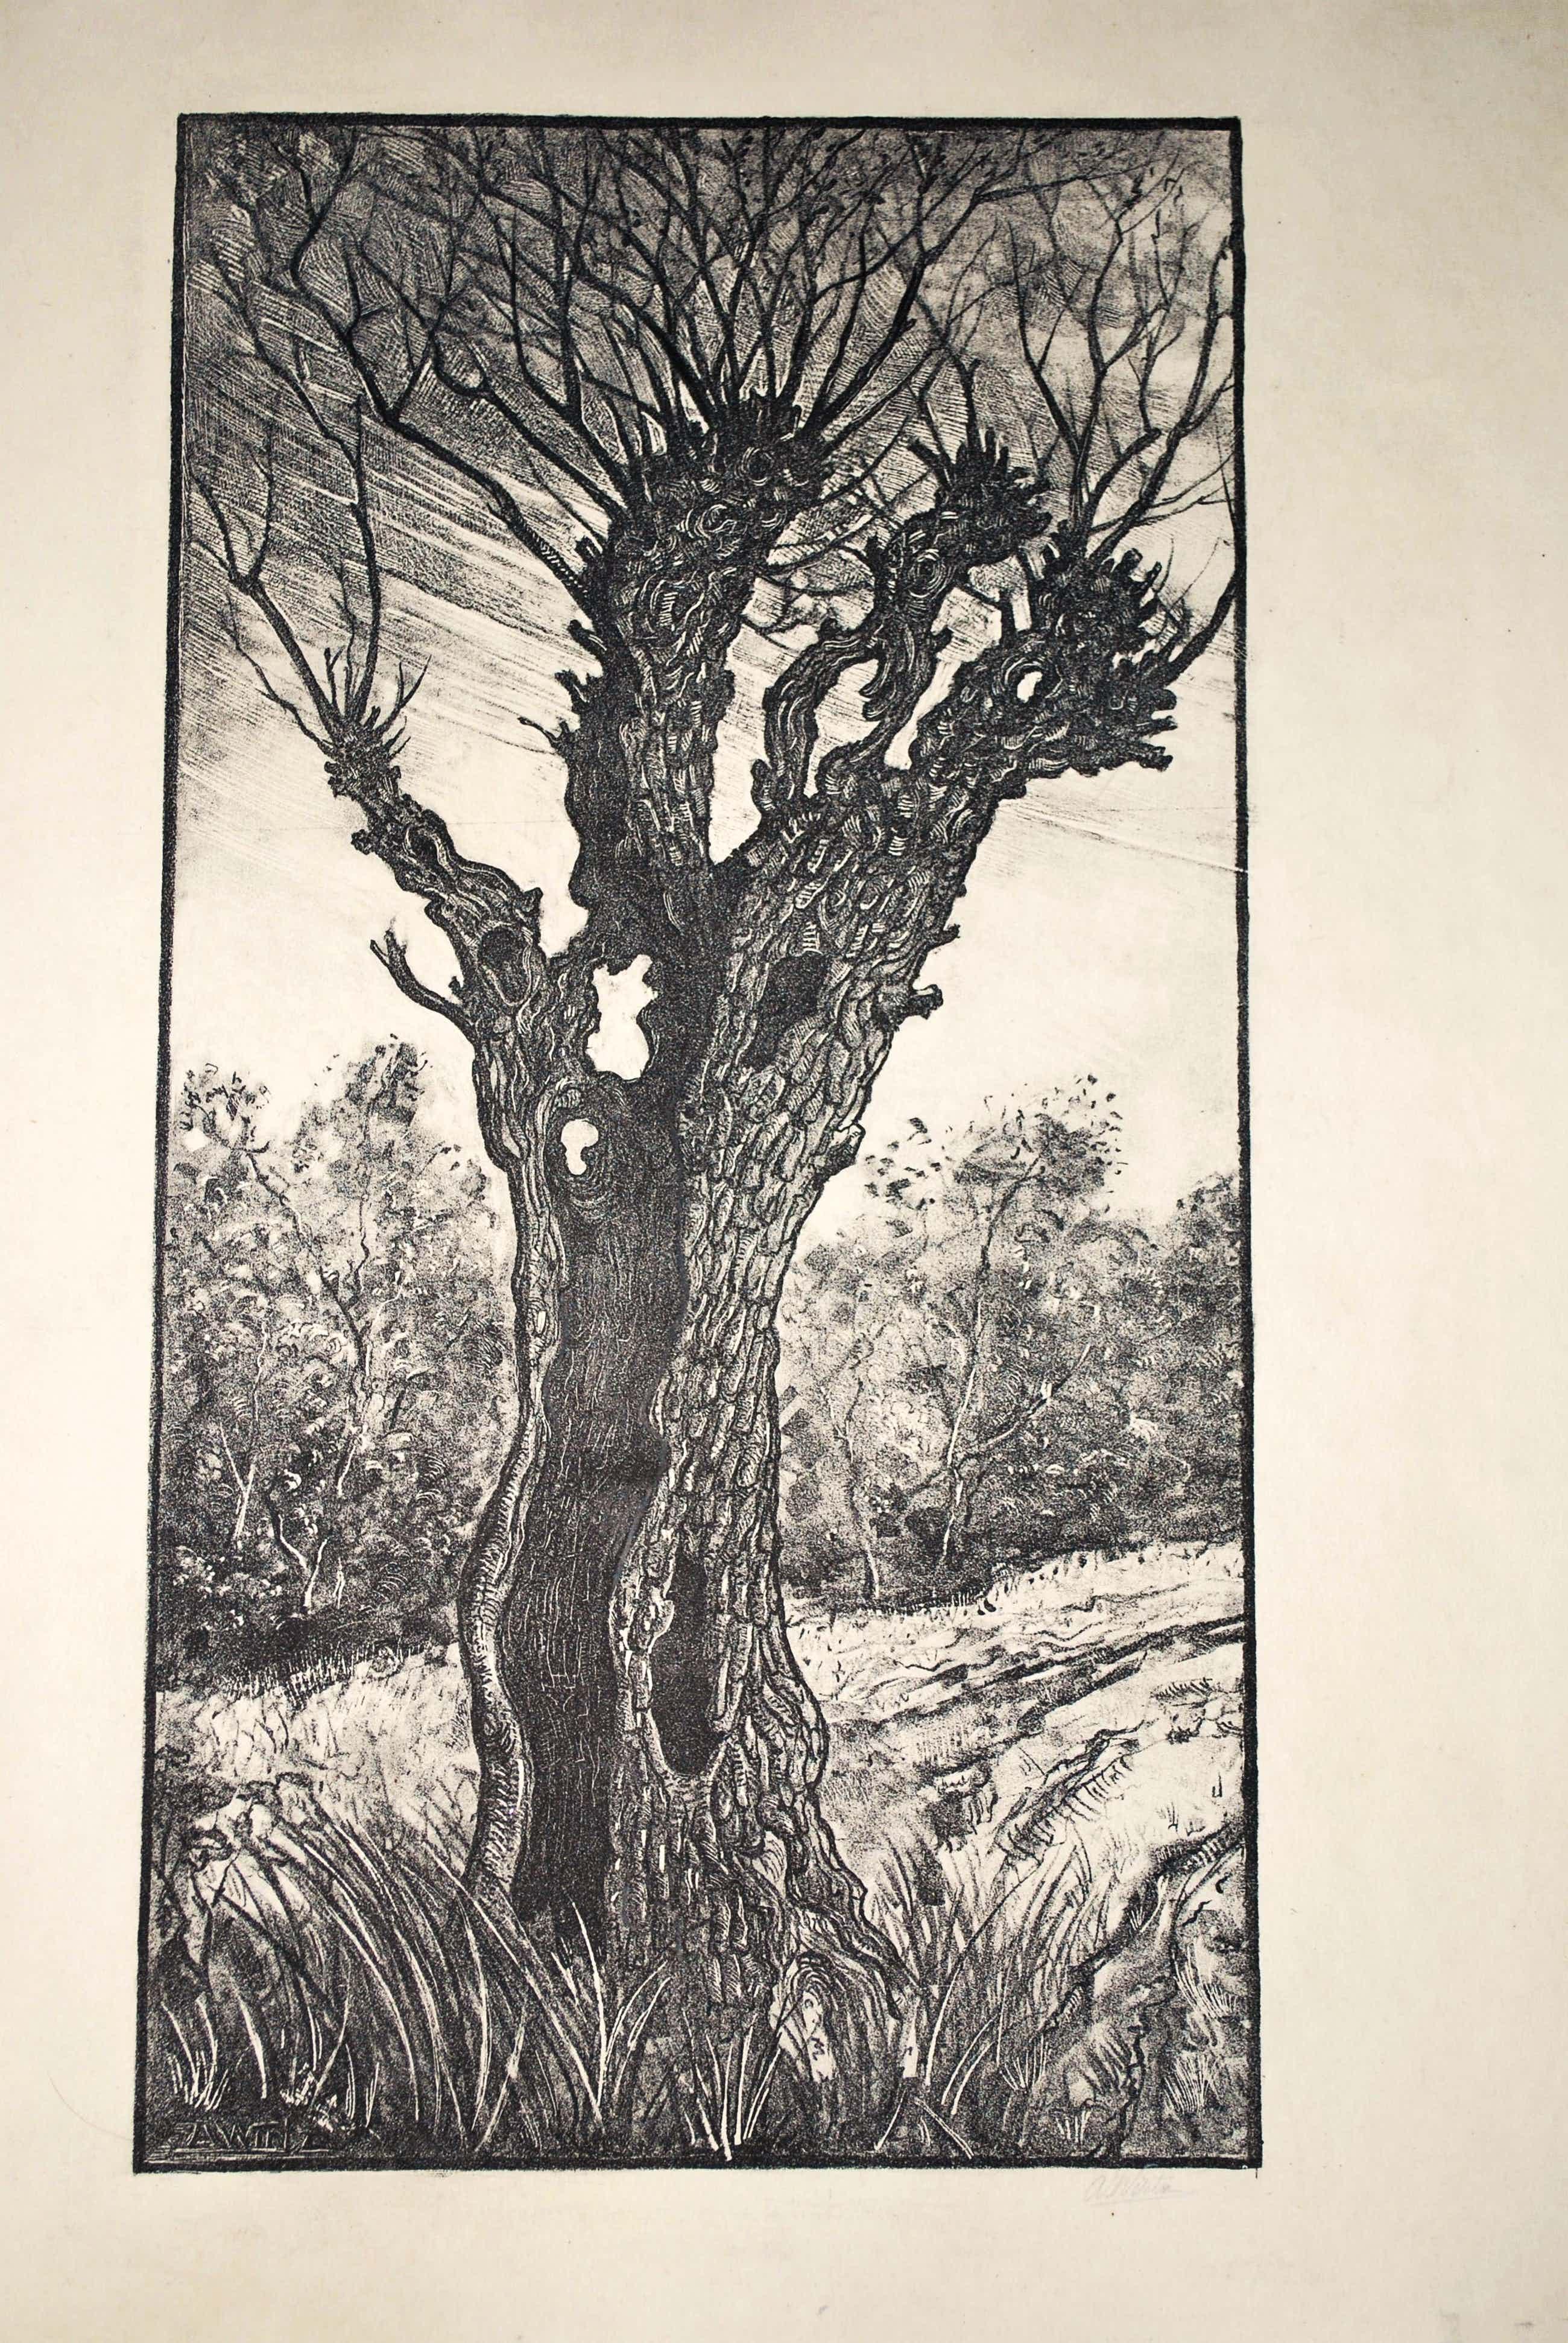 Anton Wirtz - Litho holle boom en Litho landschap - voorkant en achterkant van 1 groot blad kopen? Bied vanaf 35!